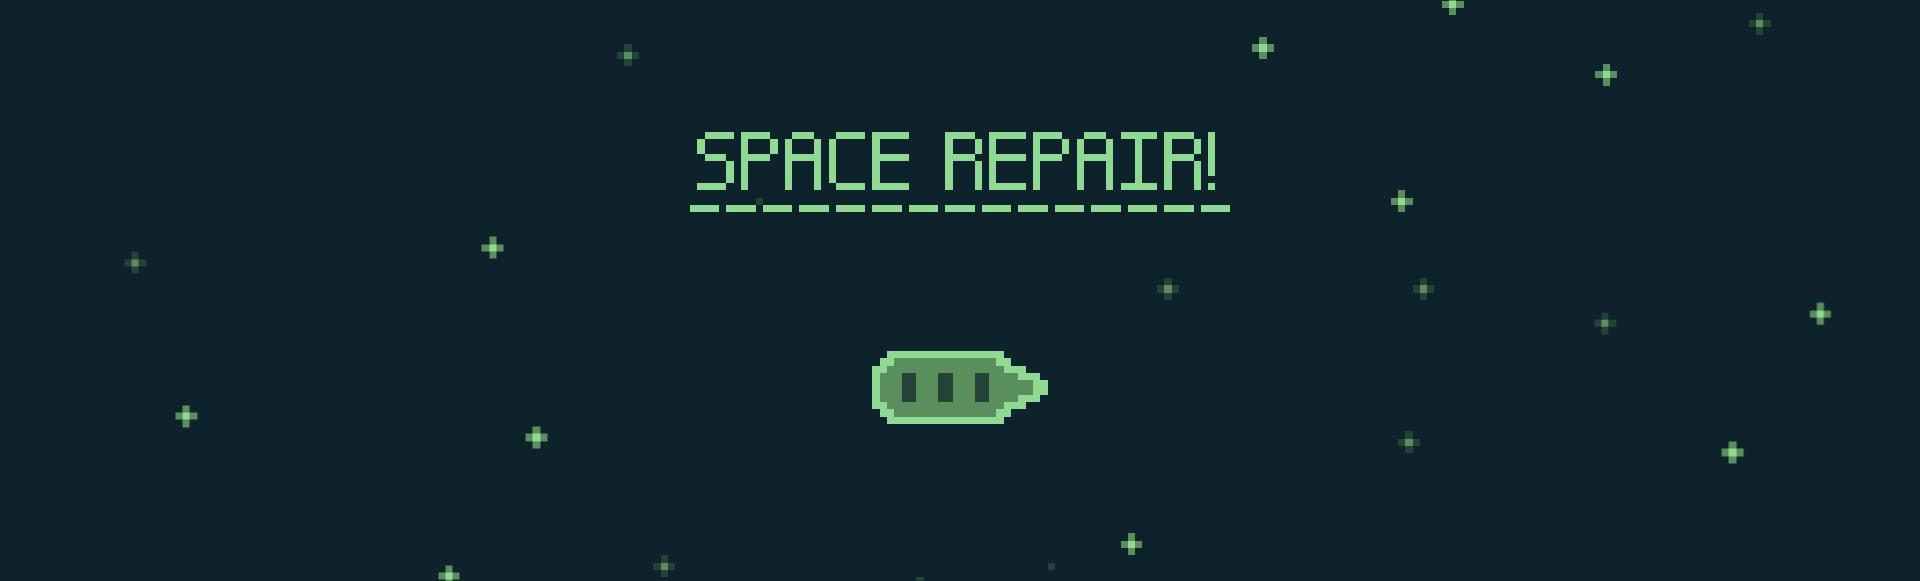 Space Repair!